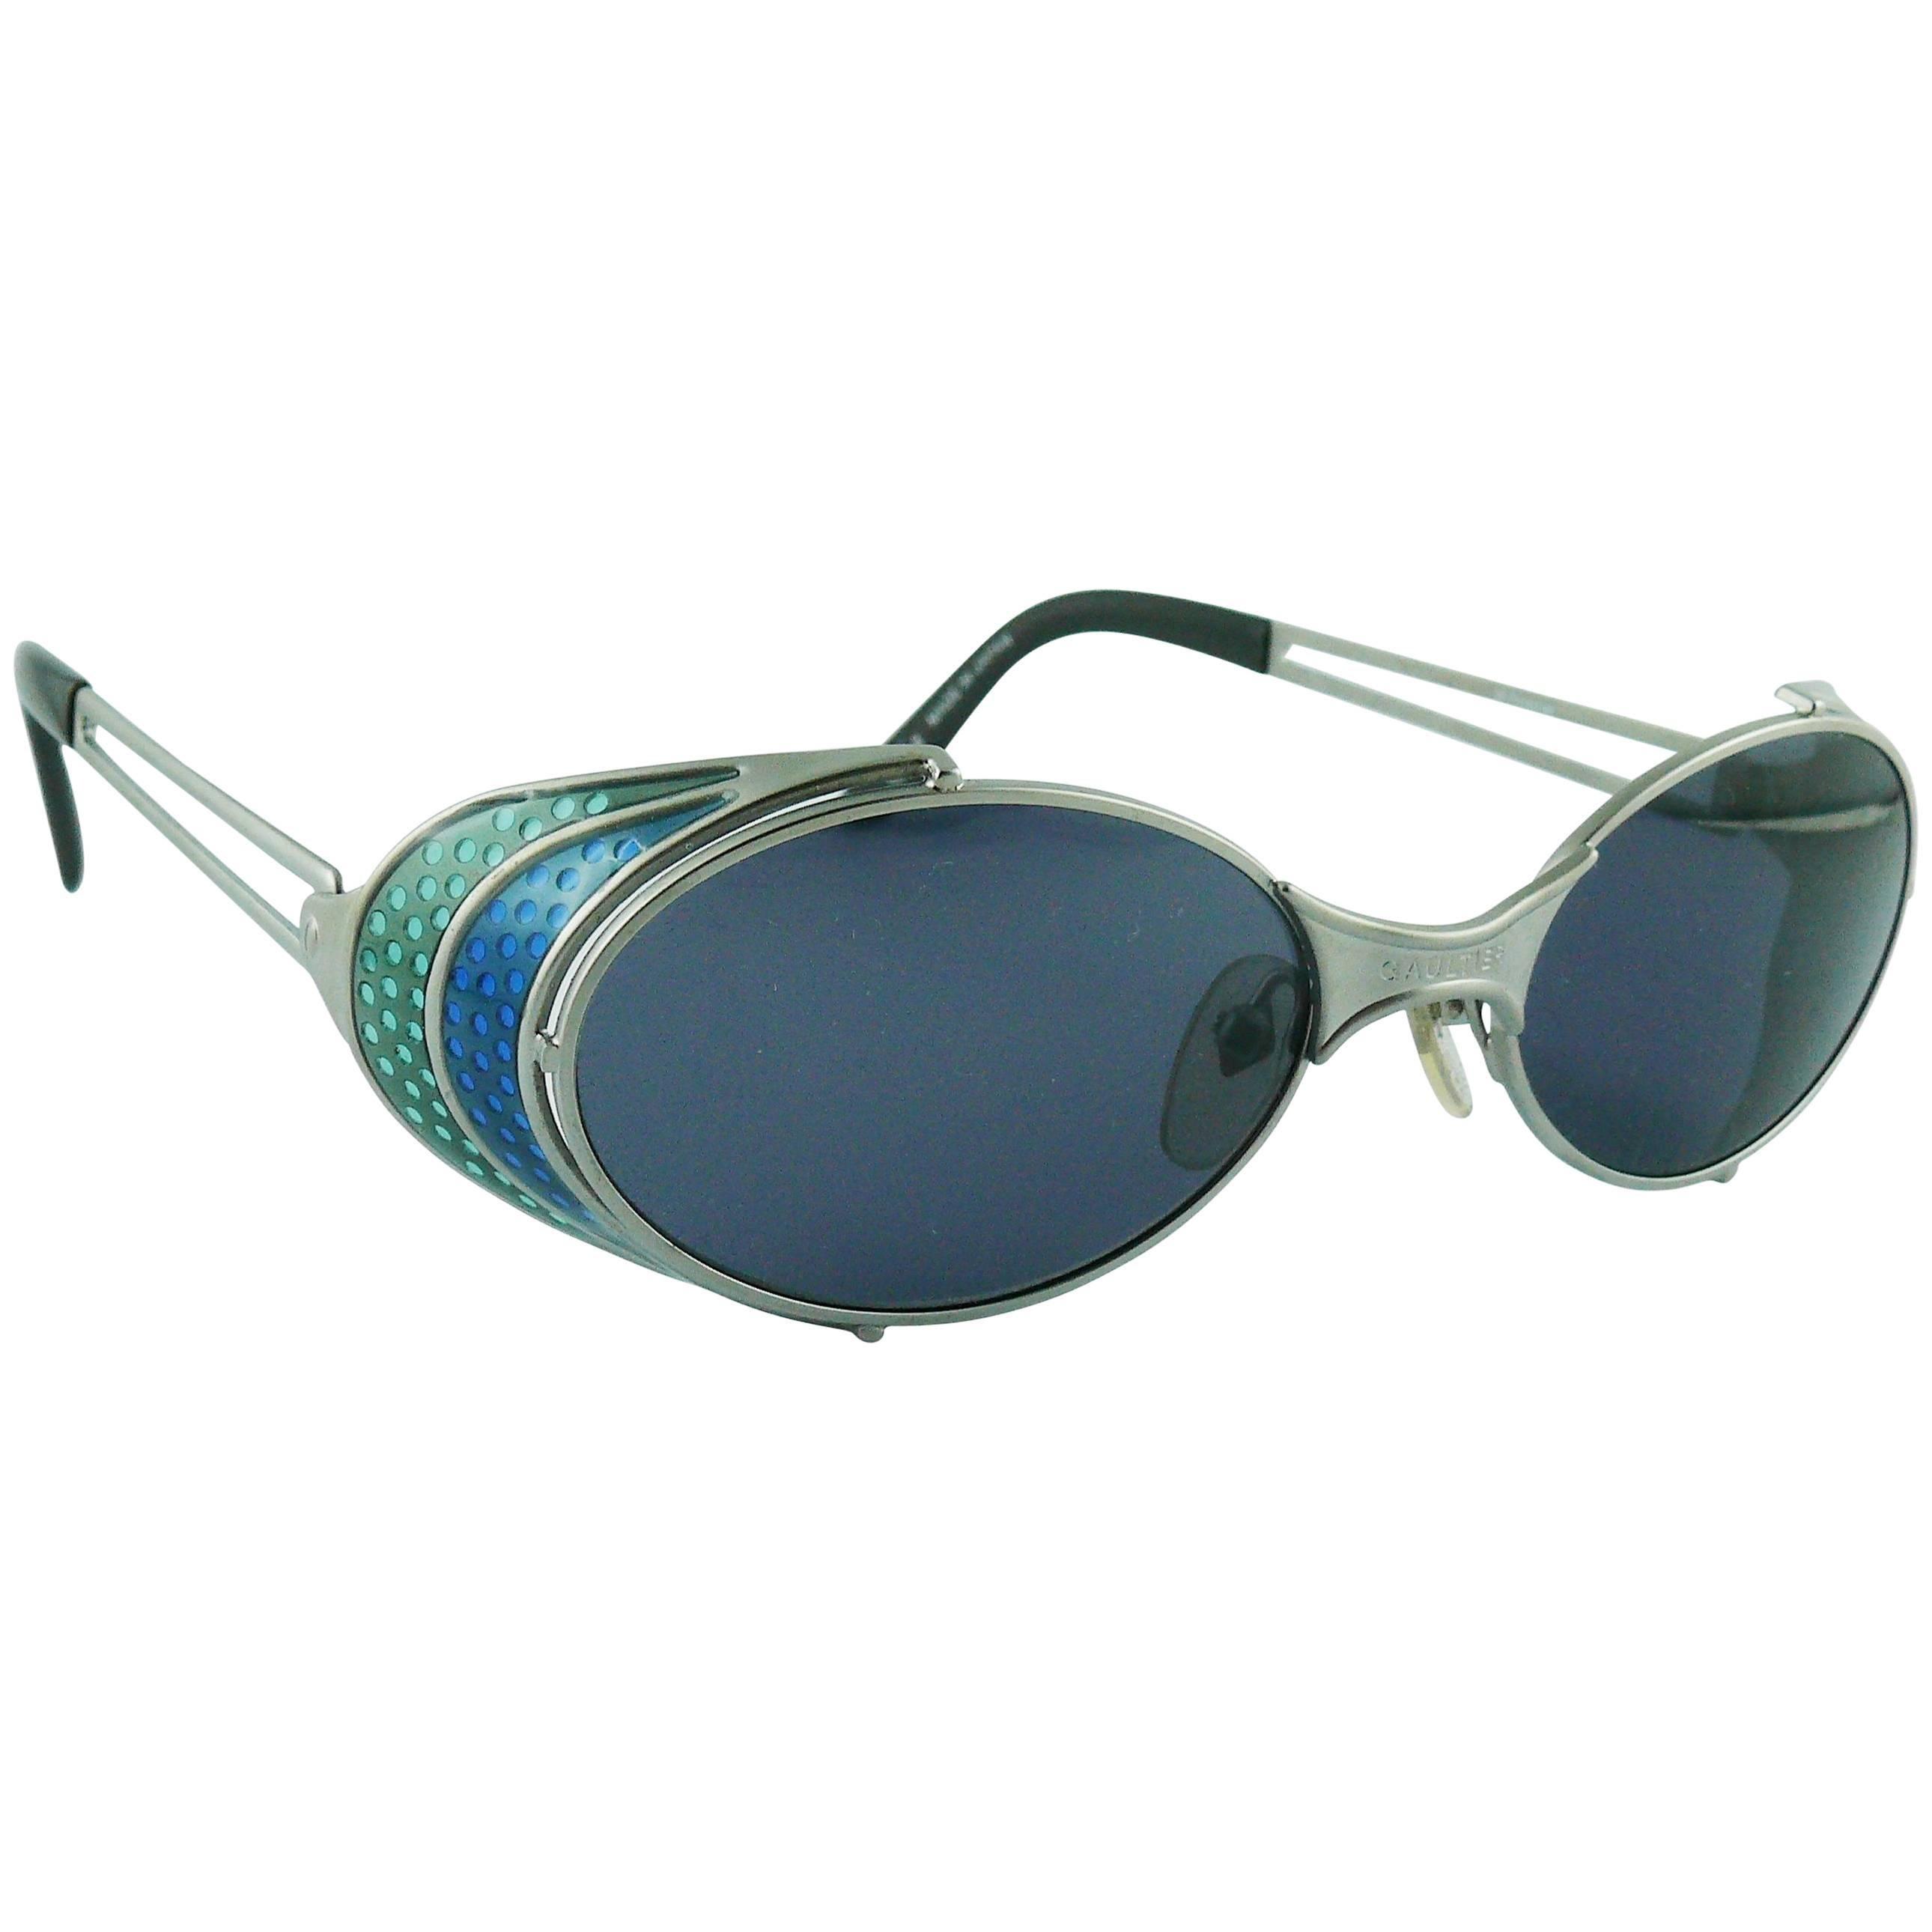 Jean Paul Gaultier Vintage Blue Green Model 56-7109 Steampunk Sunglasses